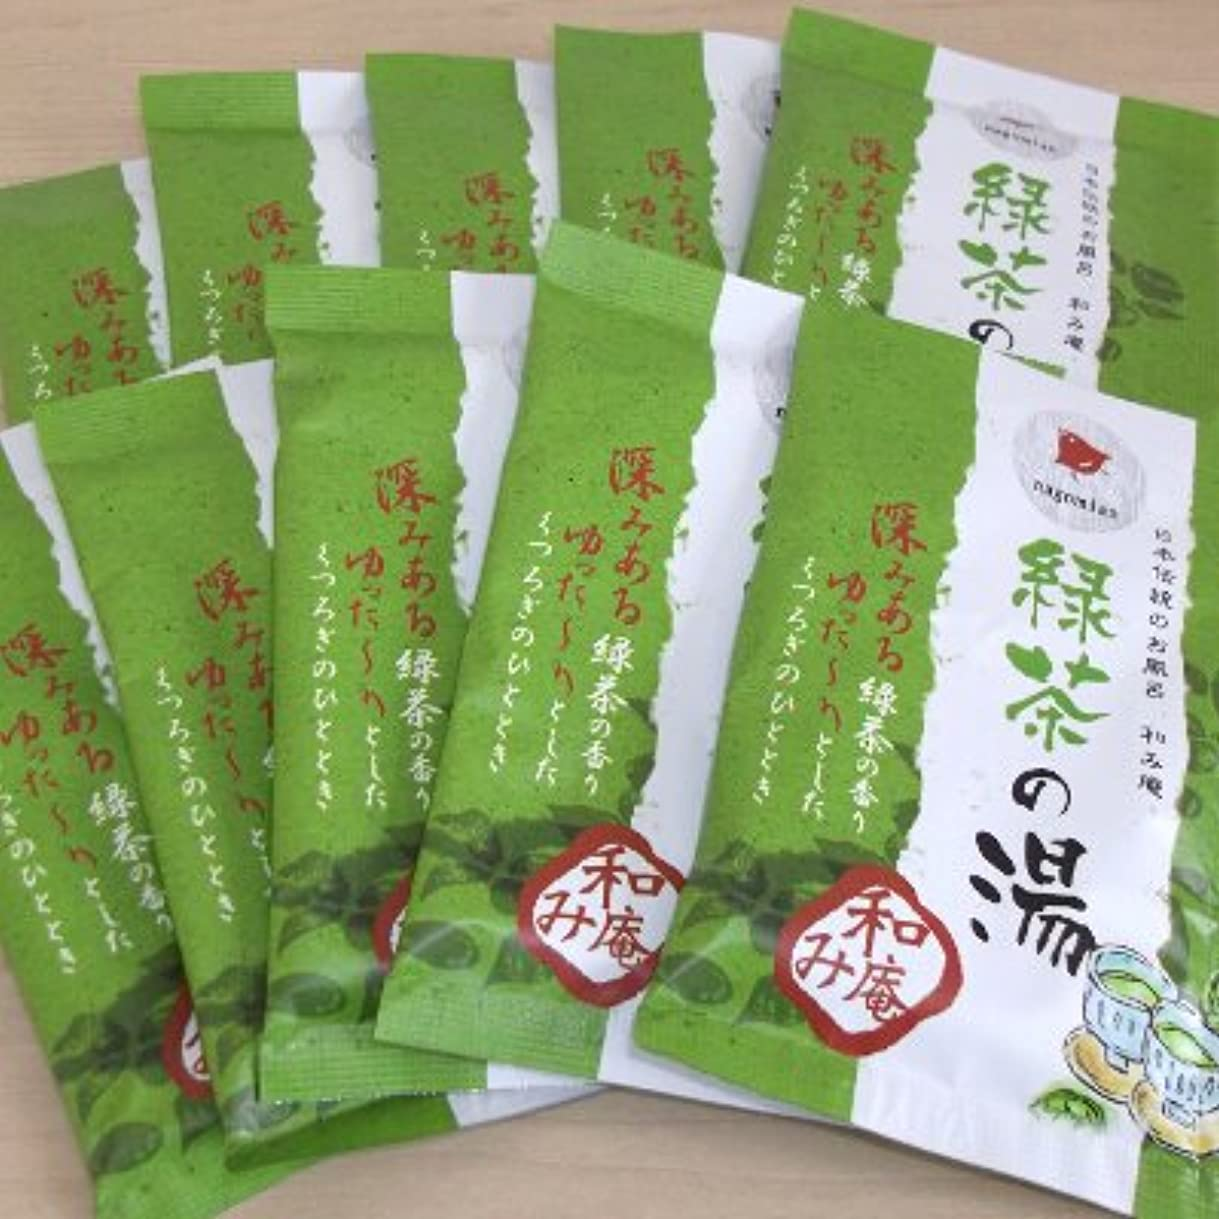 平行消化ペルー和み庵 緑茶の湯 10包セット